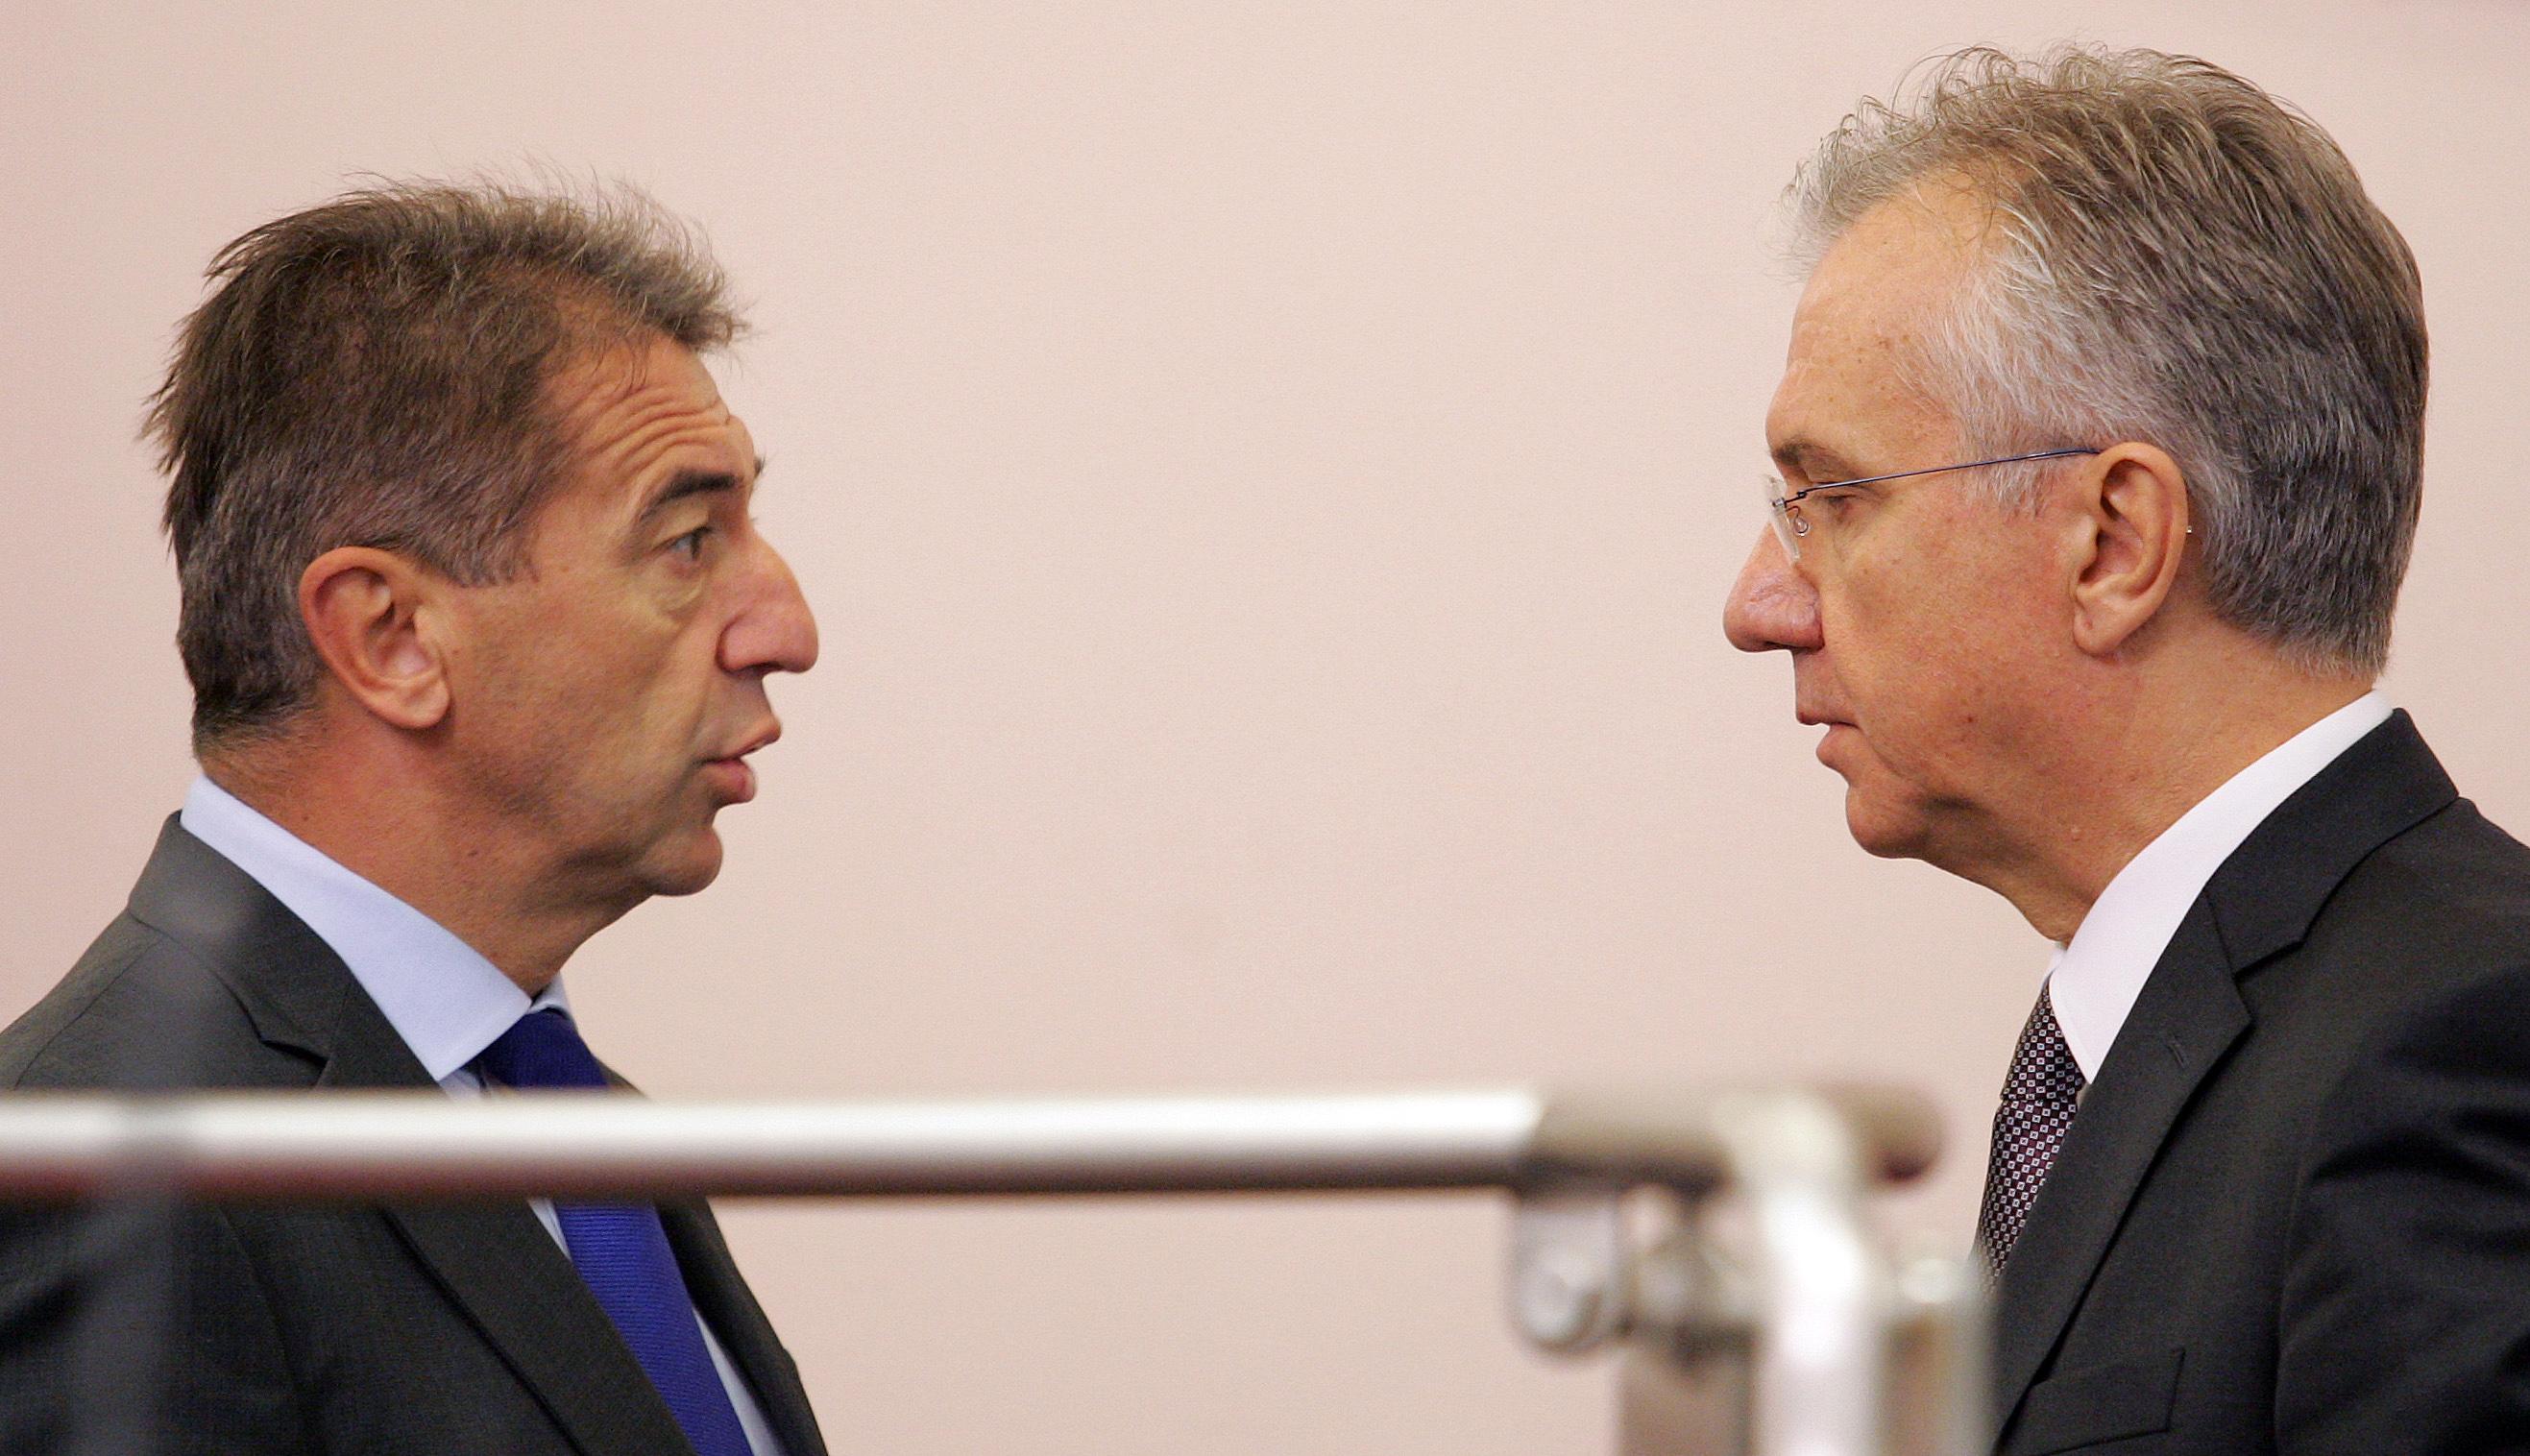 Milinović se ispričao Ostojiću zbog izjave da je odgovoran za smrt 24 pacijenta